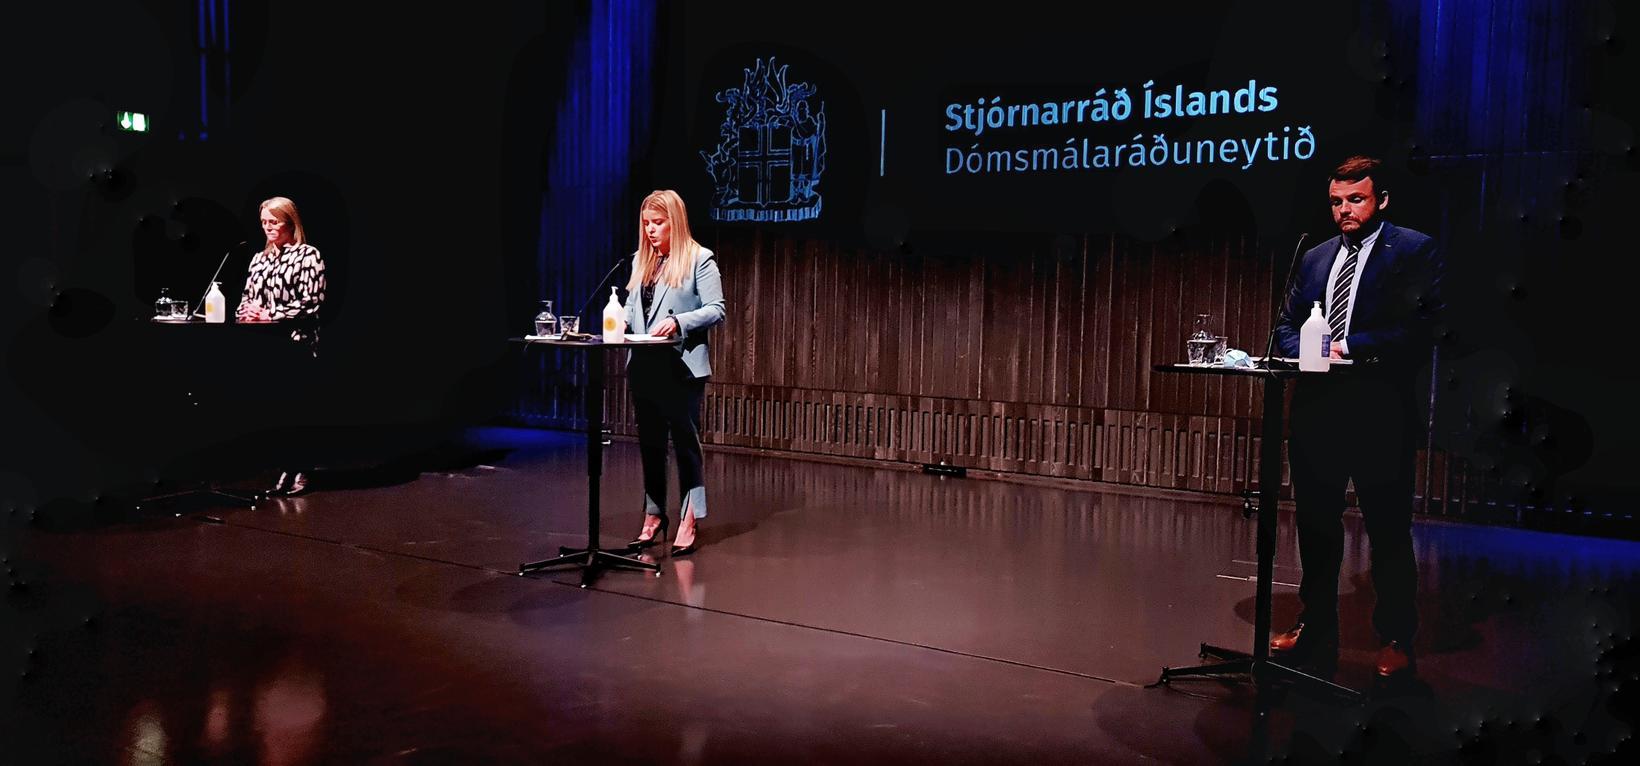 Katrín Júlíusdóttir, Áslaug Arna Sigurbjörnsdóttir and Teitur Már Sveinsson at …